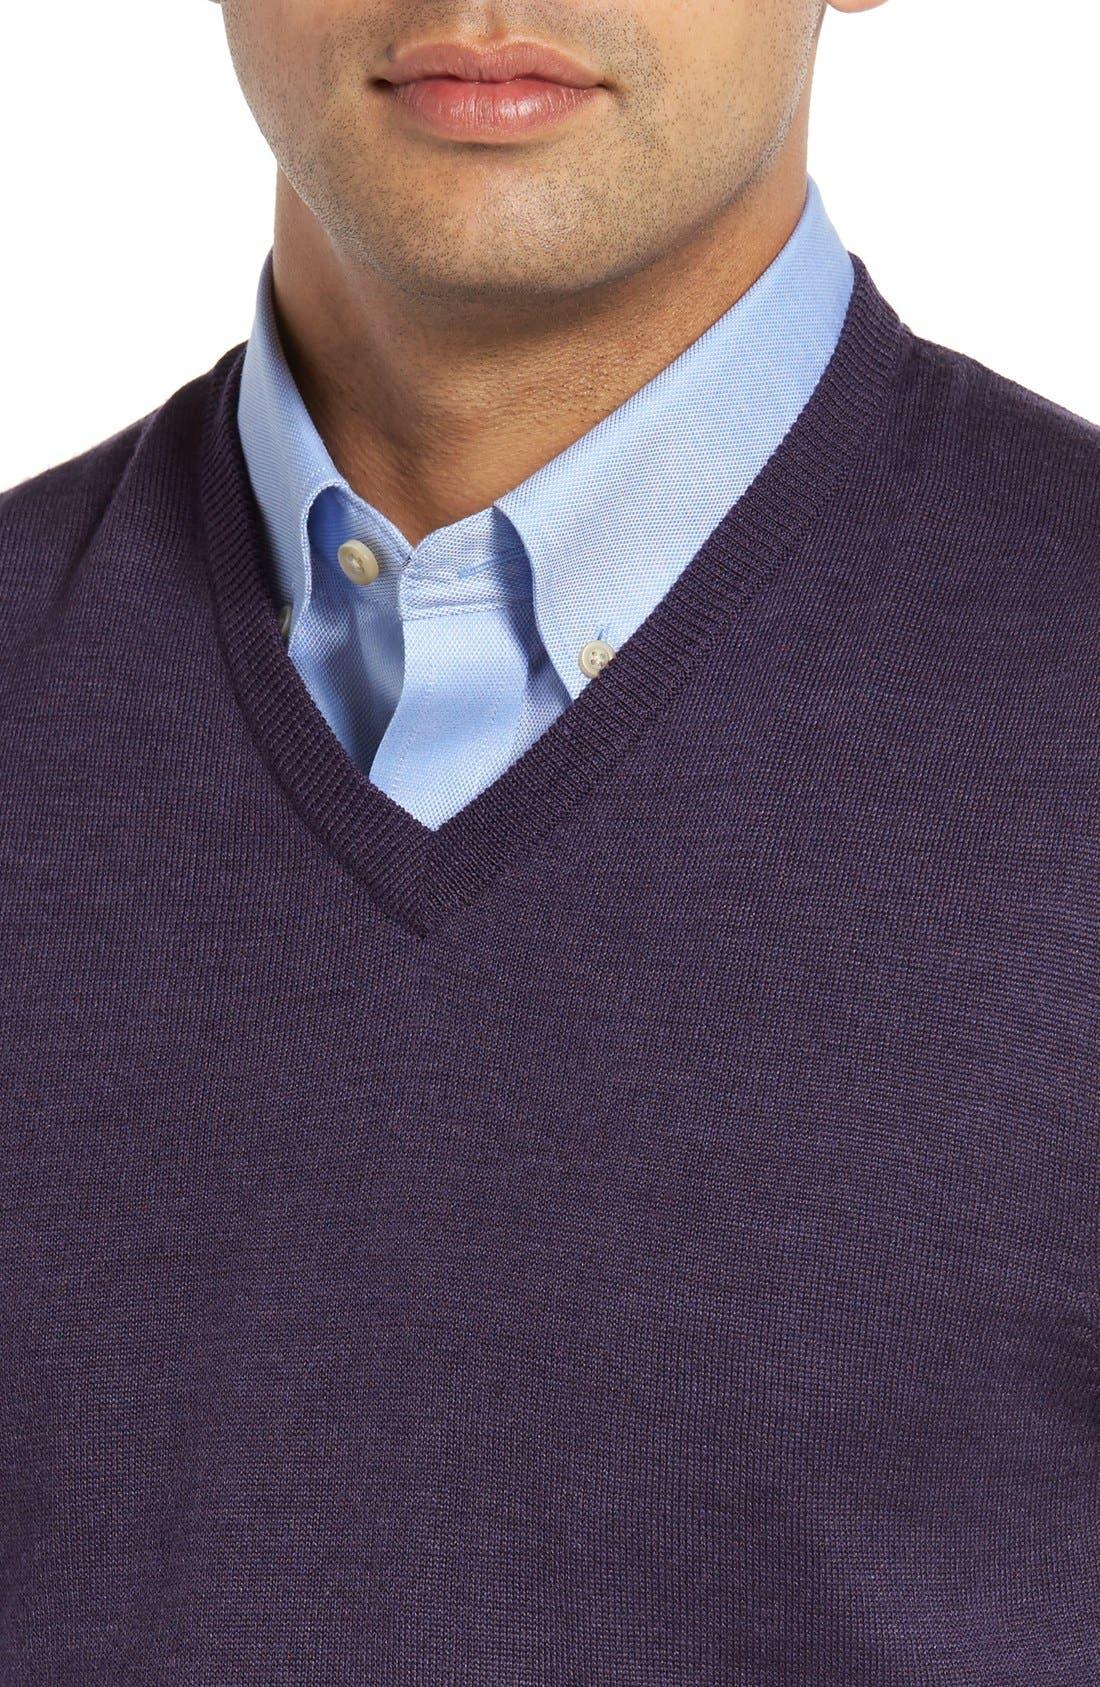 Alternate Image 4  - Cutter & Buck 'Douglas' Merino Wool Blend V-Neck Sweater Vest (Online Only)